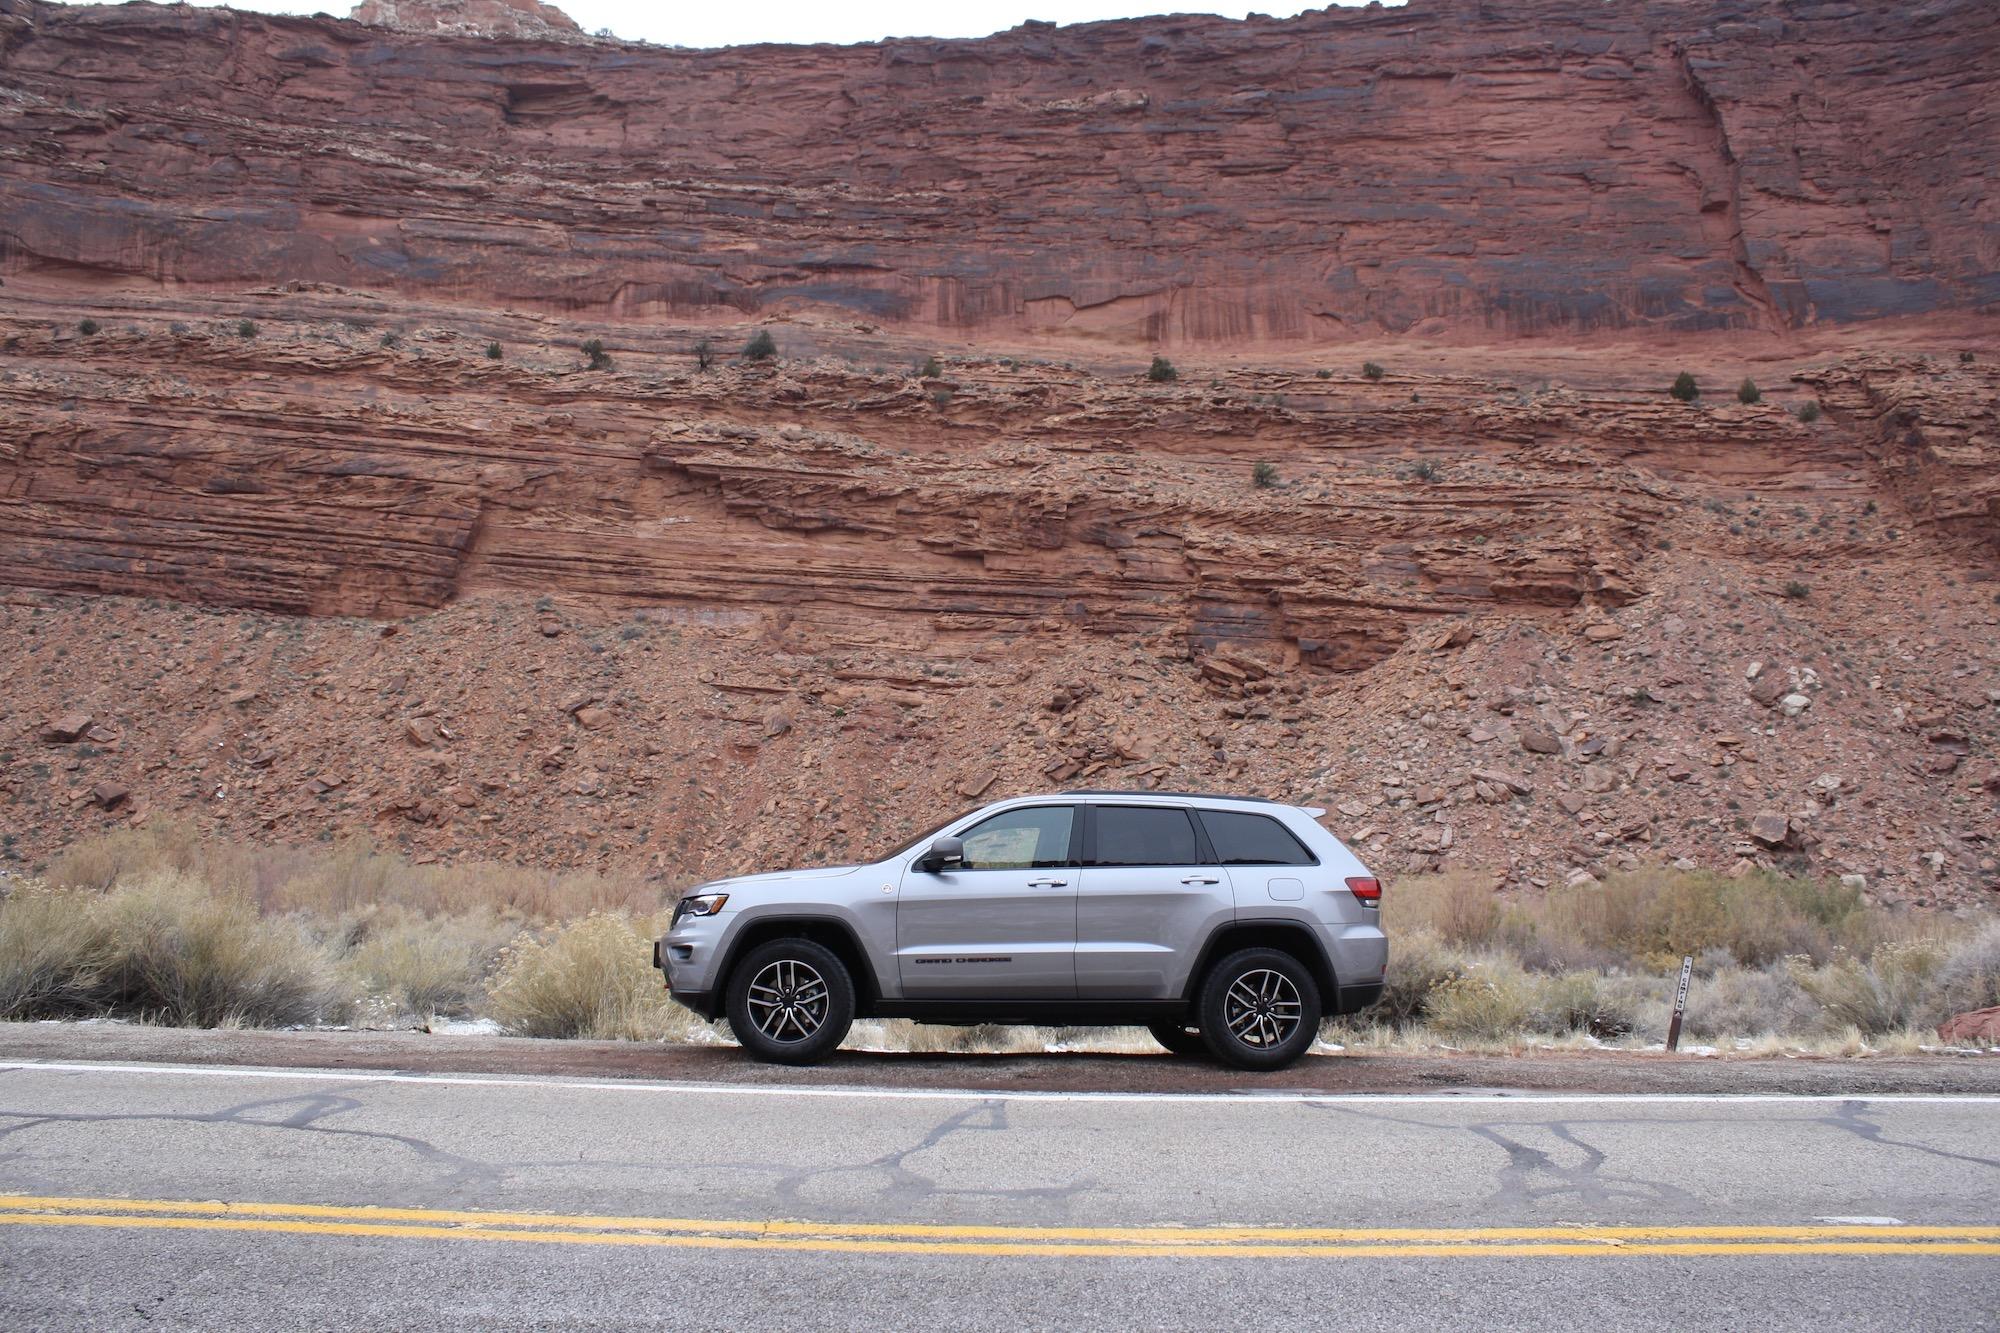 Essayez un Jeep dans son élément naturel